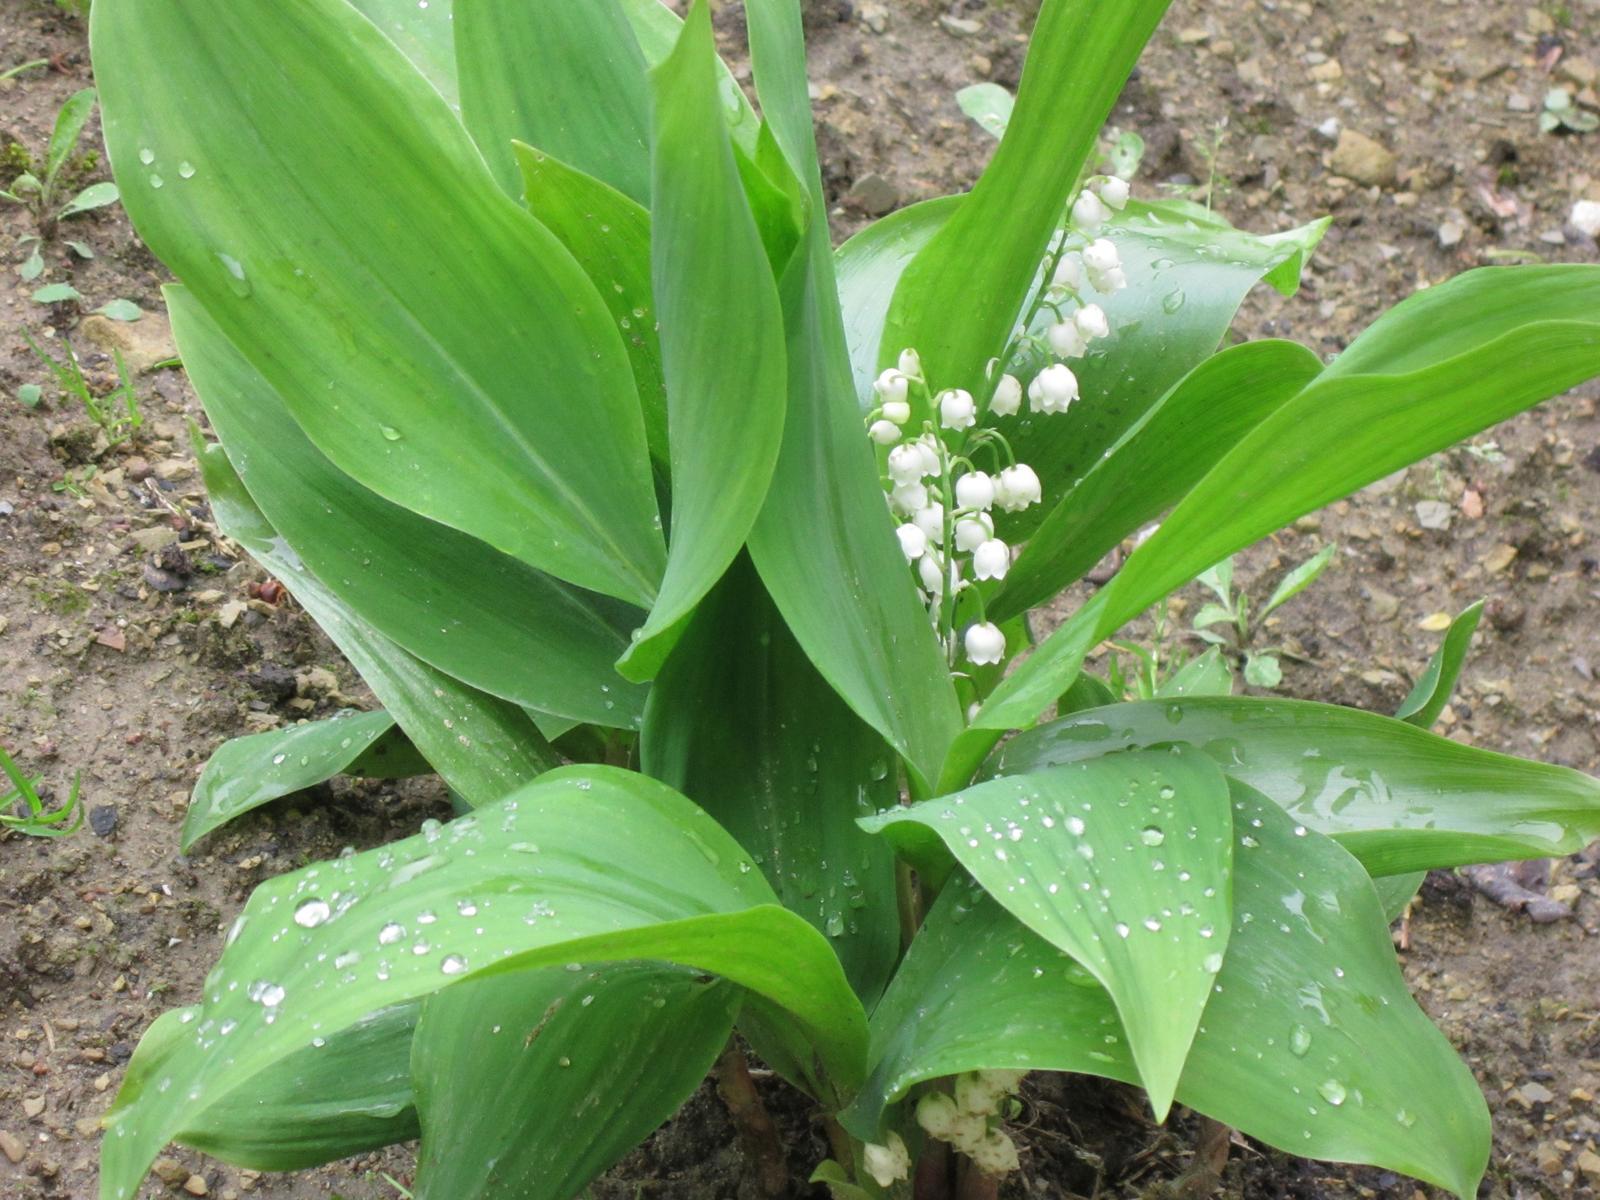 Pozvanie do našej jarnej záhrady - Nežná konvalinka a jej vôňa...ach